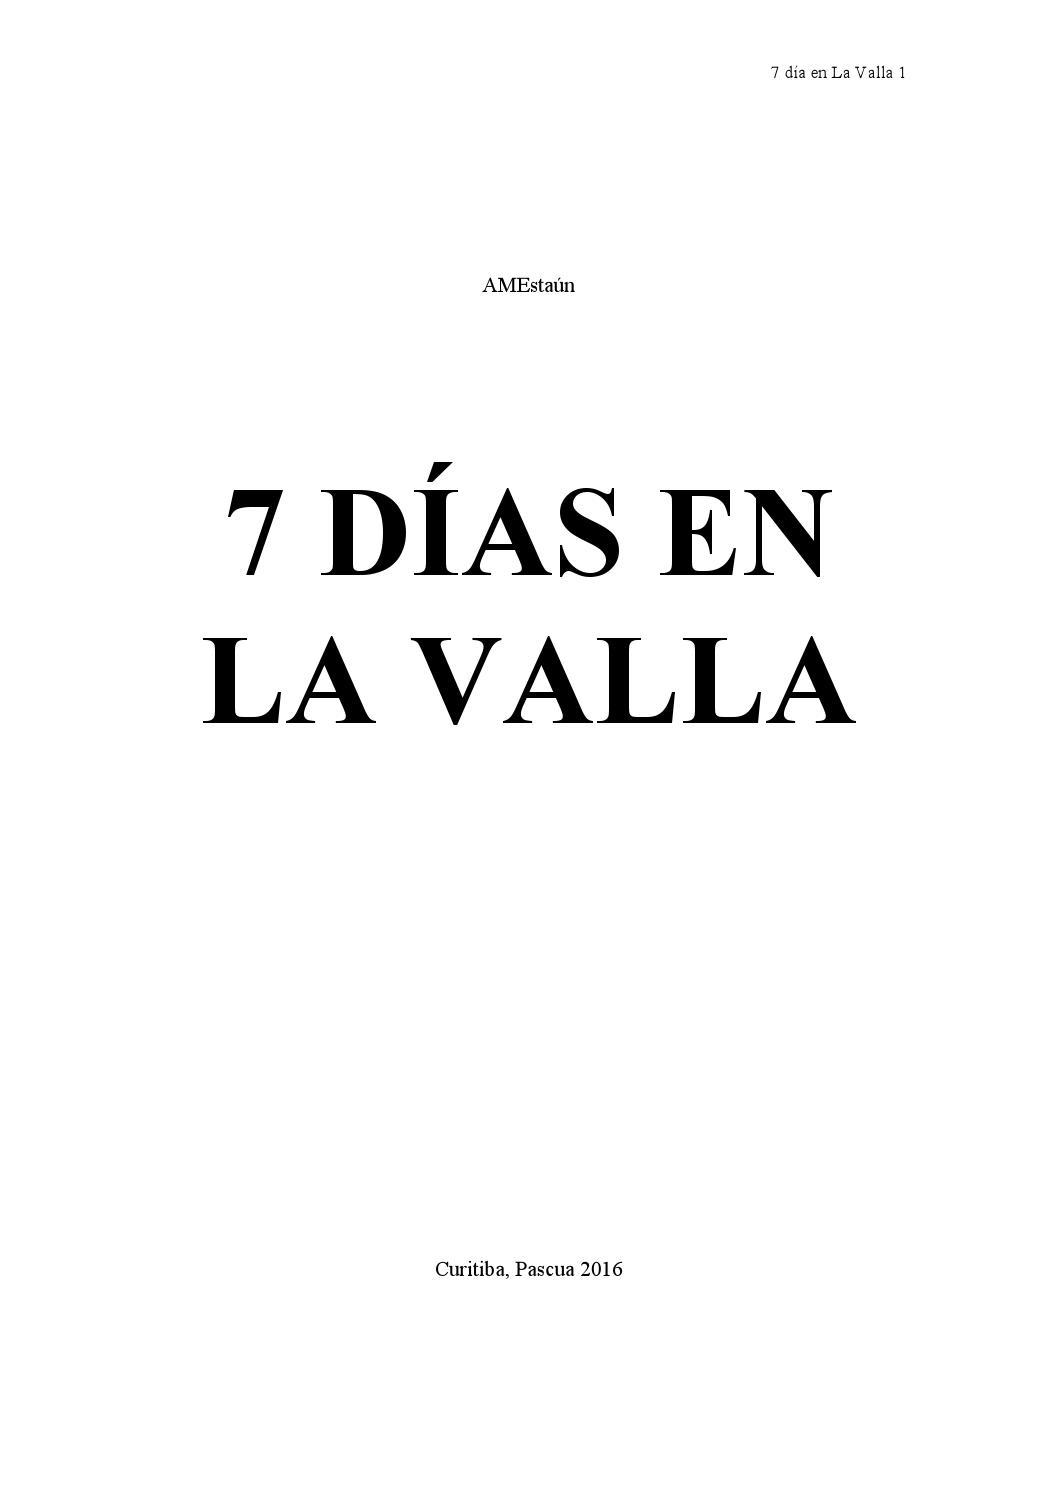 7 días en La Valla by Hermanos maristas - issuu